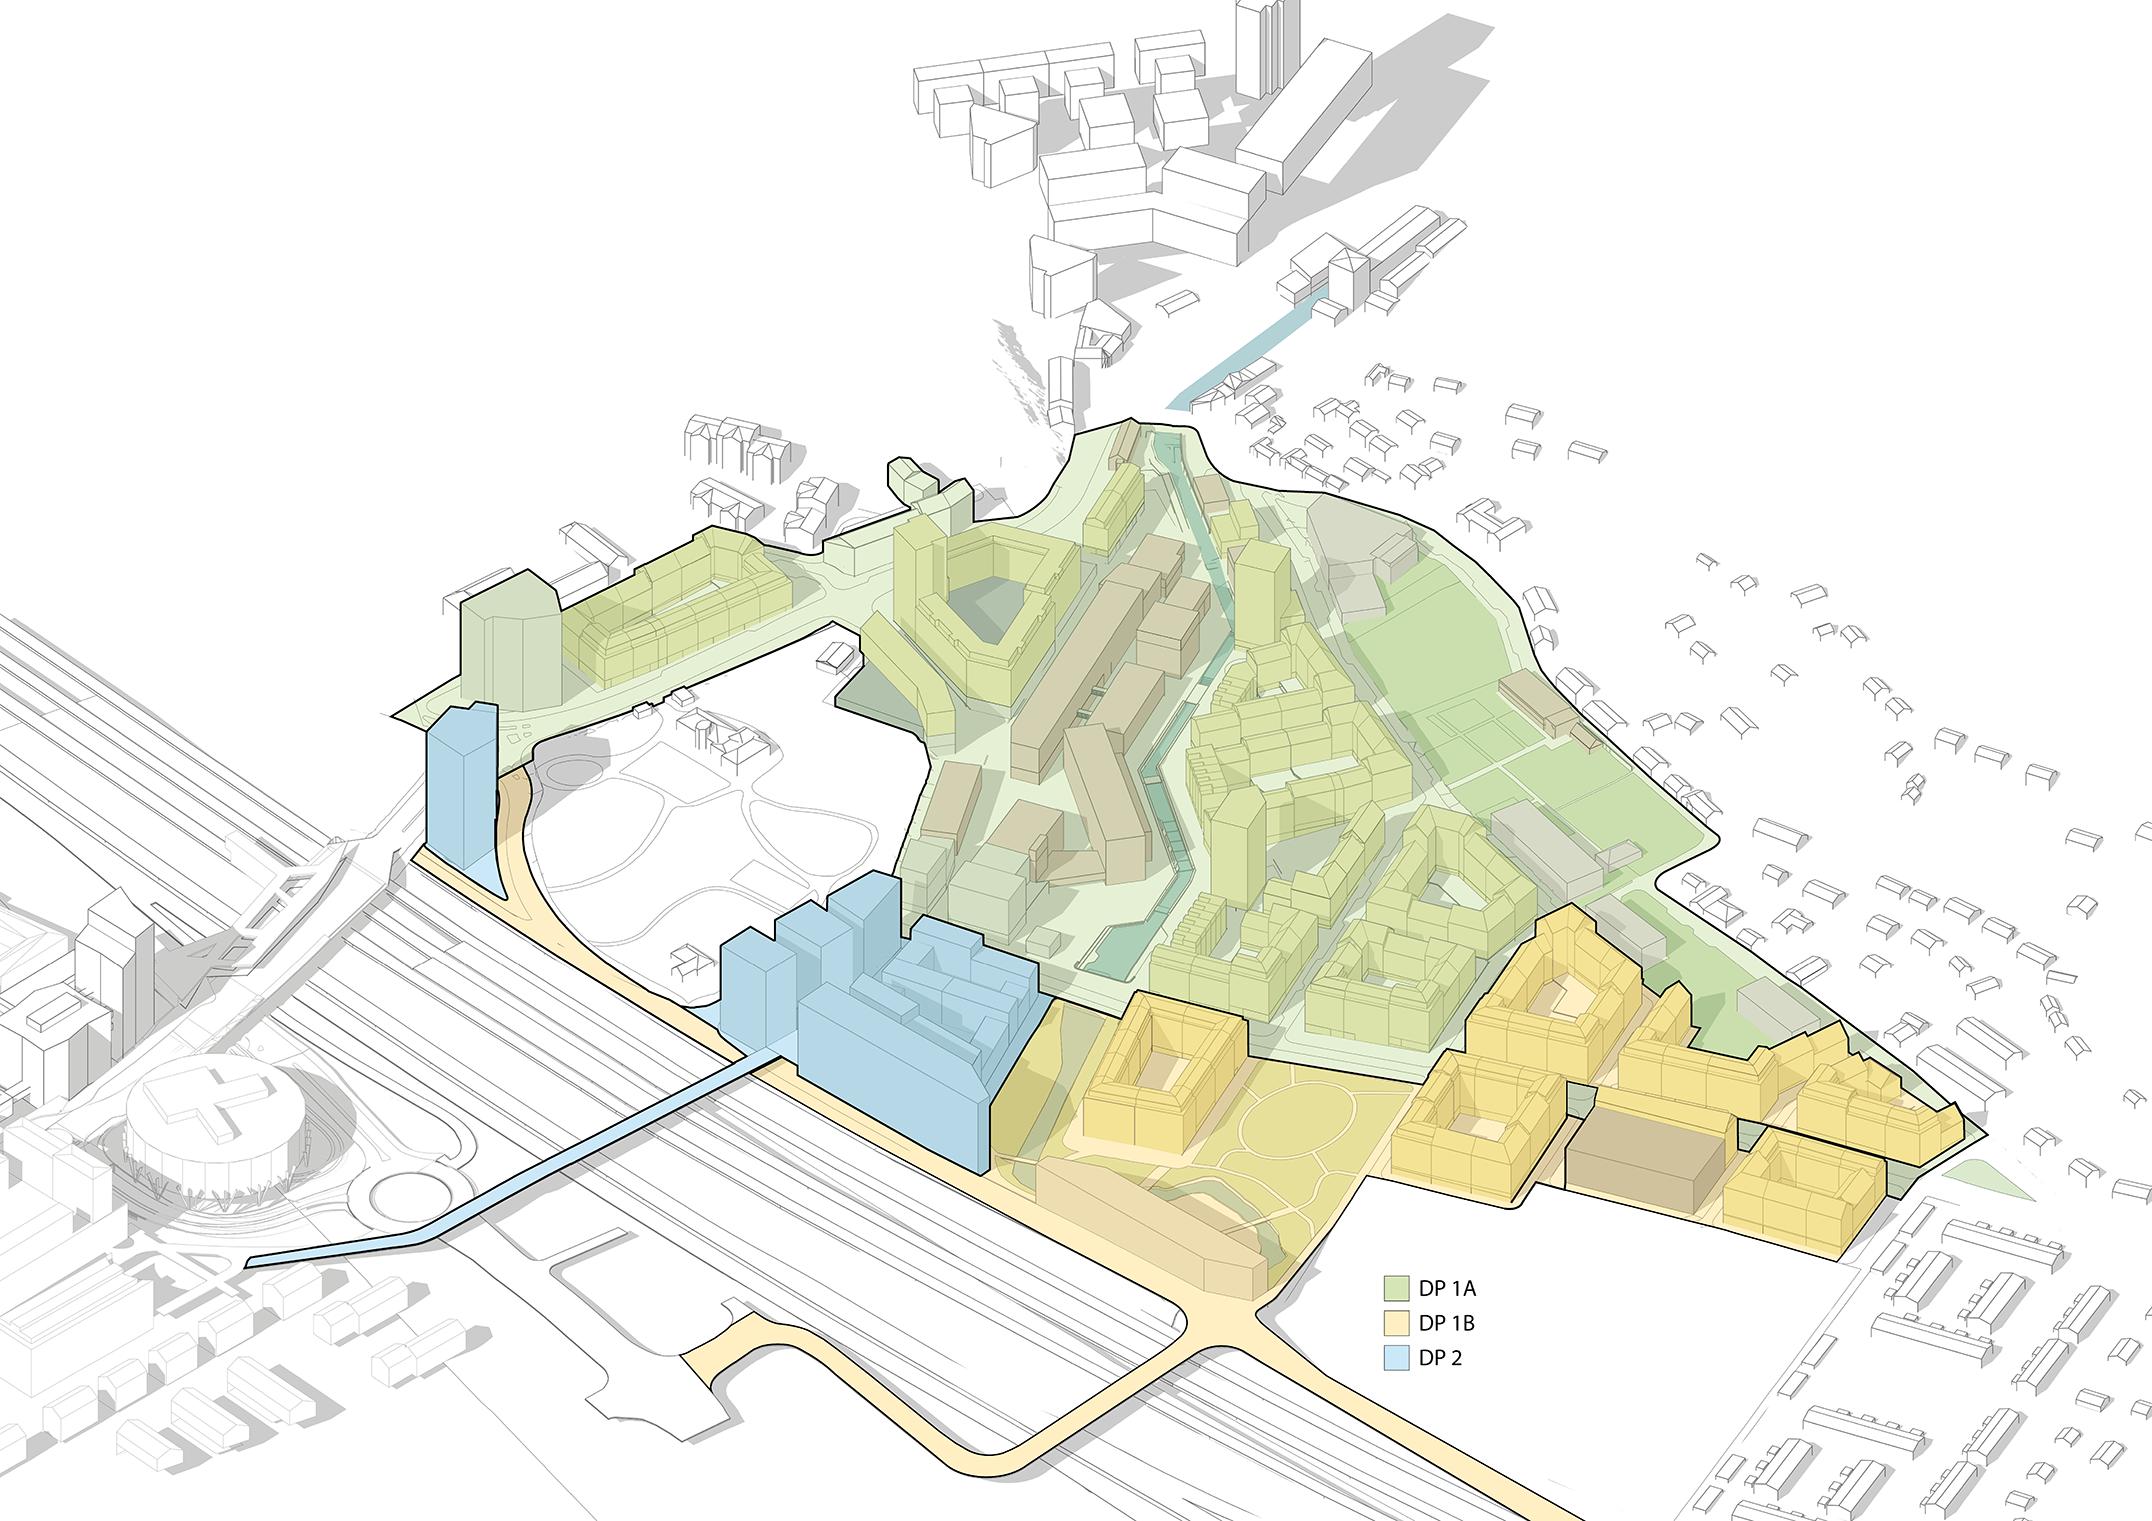 3D_karta_Forsåker_delning_strukturplan_webb